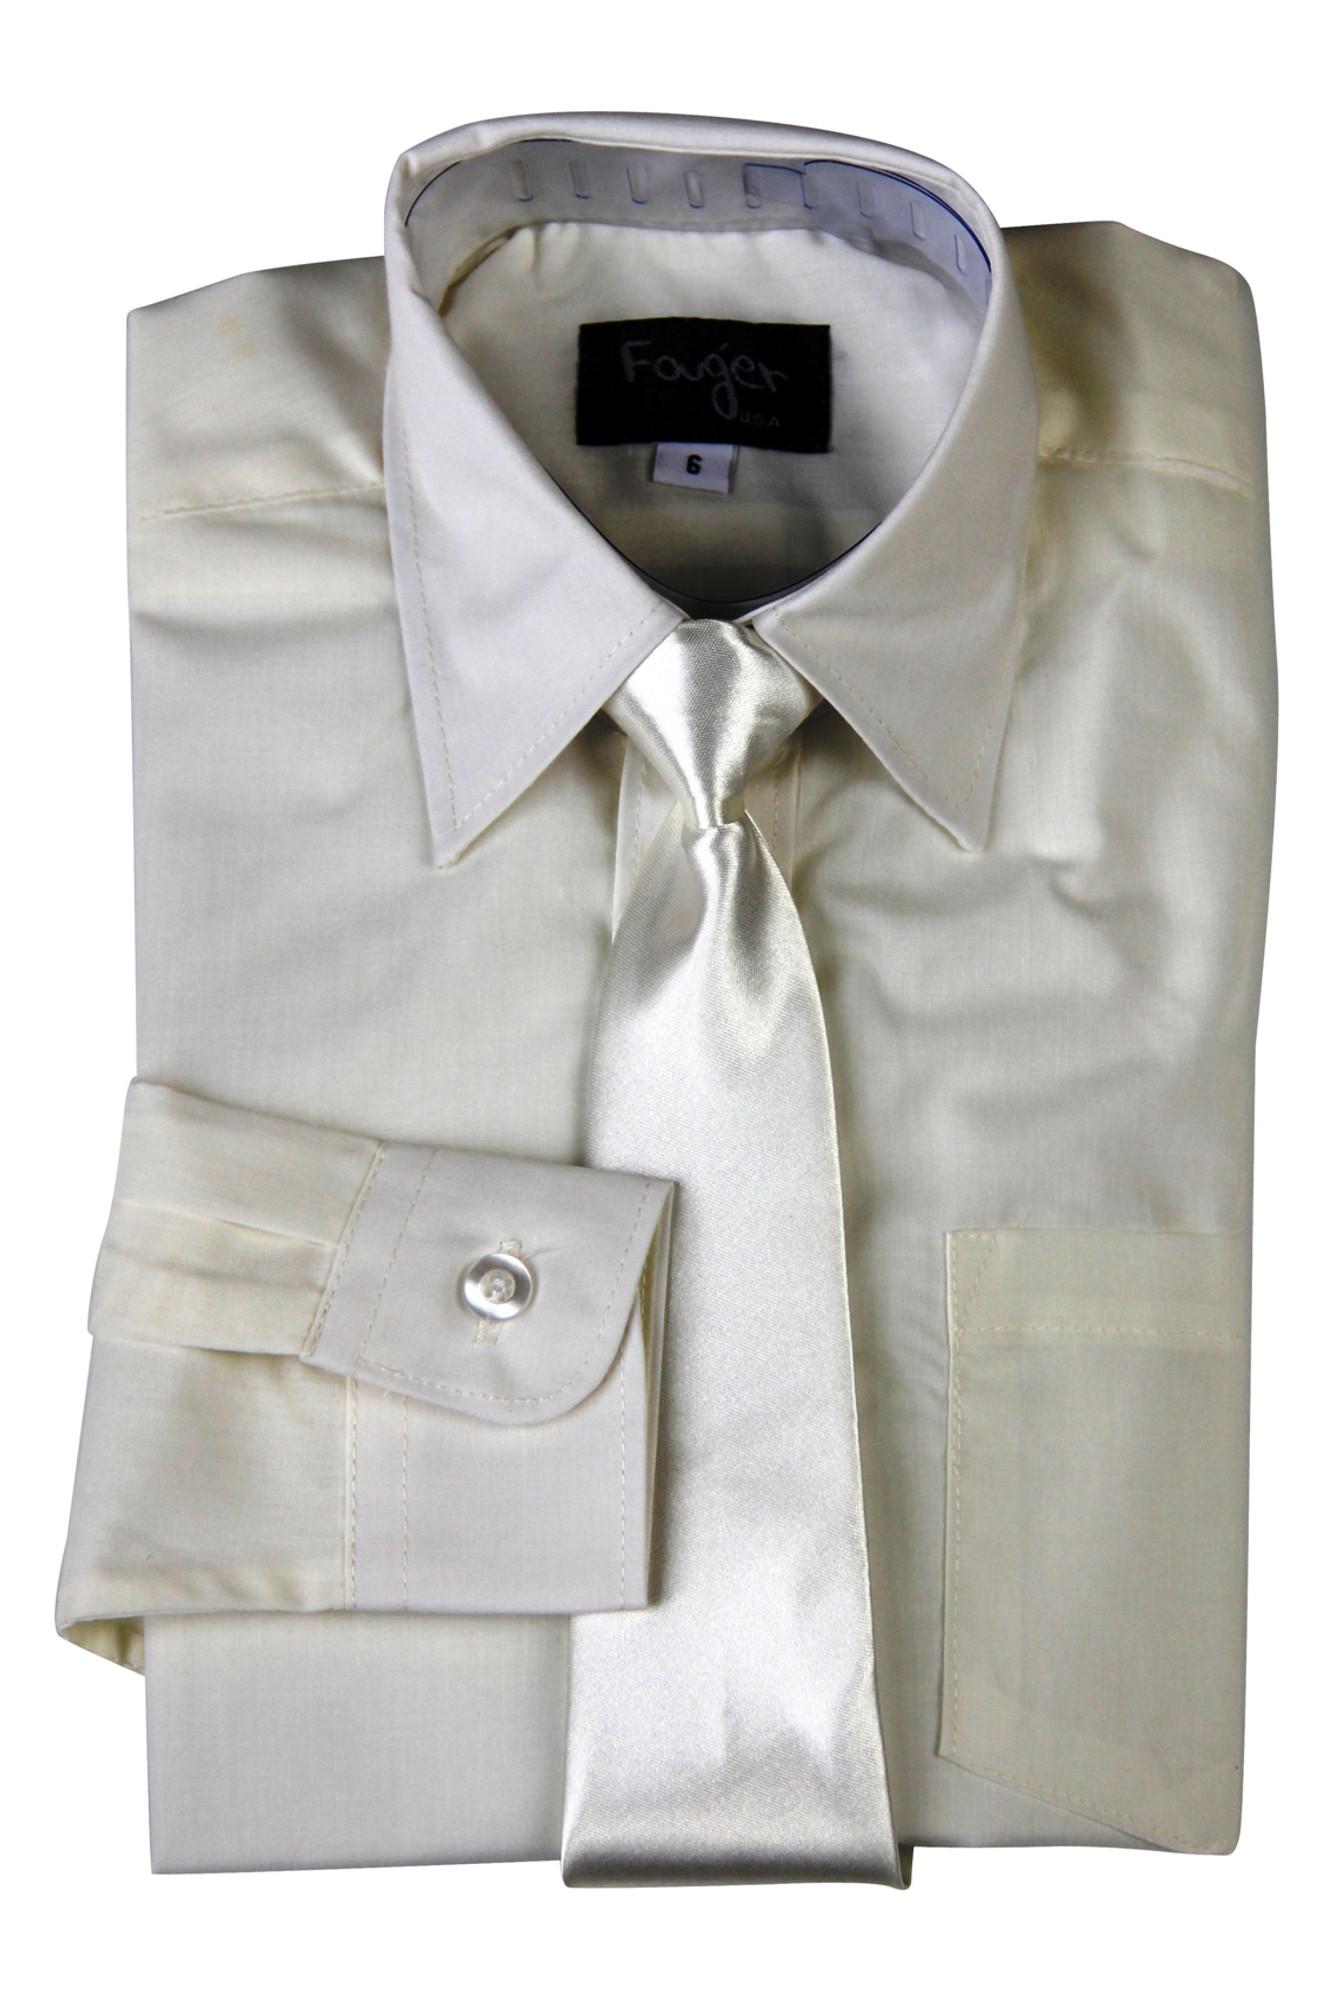 BIMARO Jungen Kinderhemd mit seidener Krawatte creme beige Hemd festlich langarm Baumwollmischung Hochzeit Taufe Kommunion 001